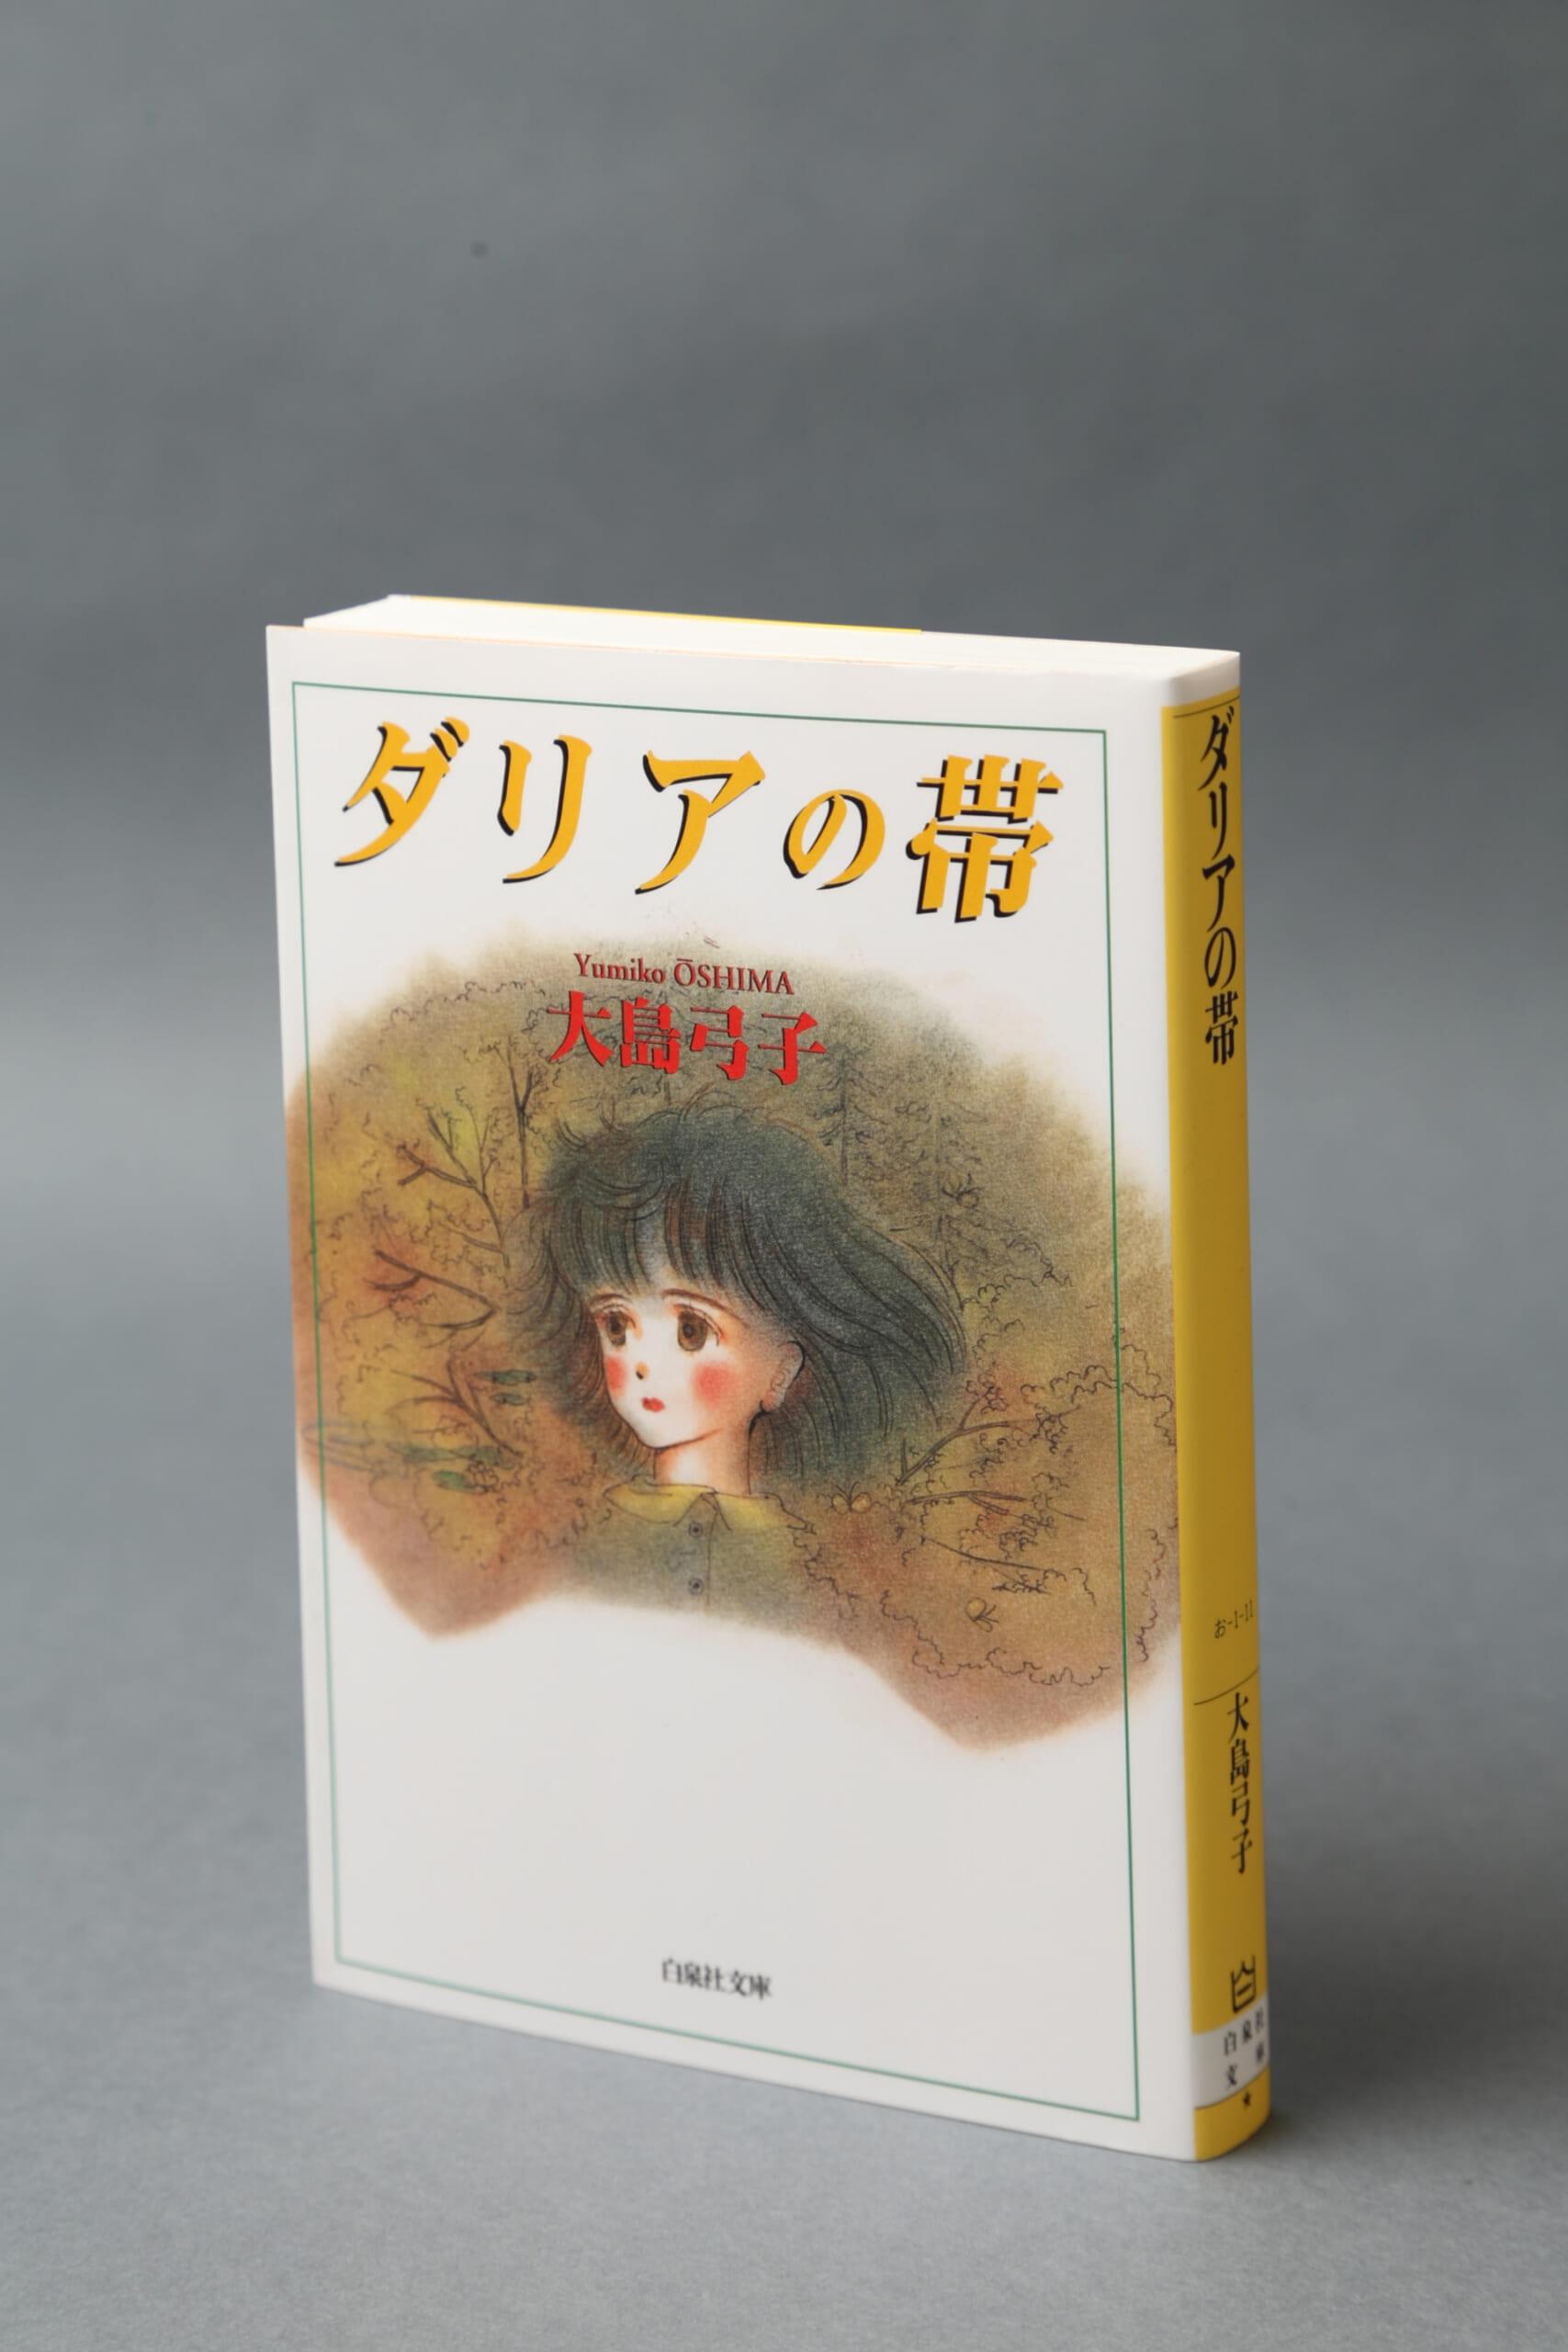 「こんな物語を書きたい」。作家・柳美里が母子で読み返した『ダリアの帯』とは?